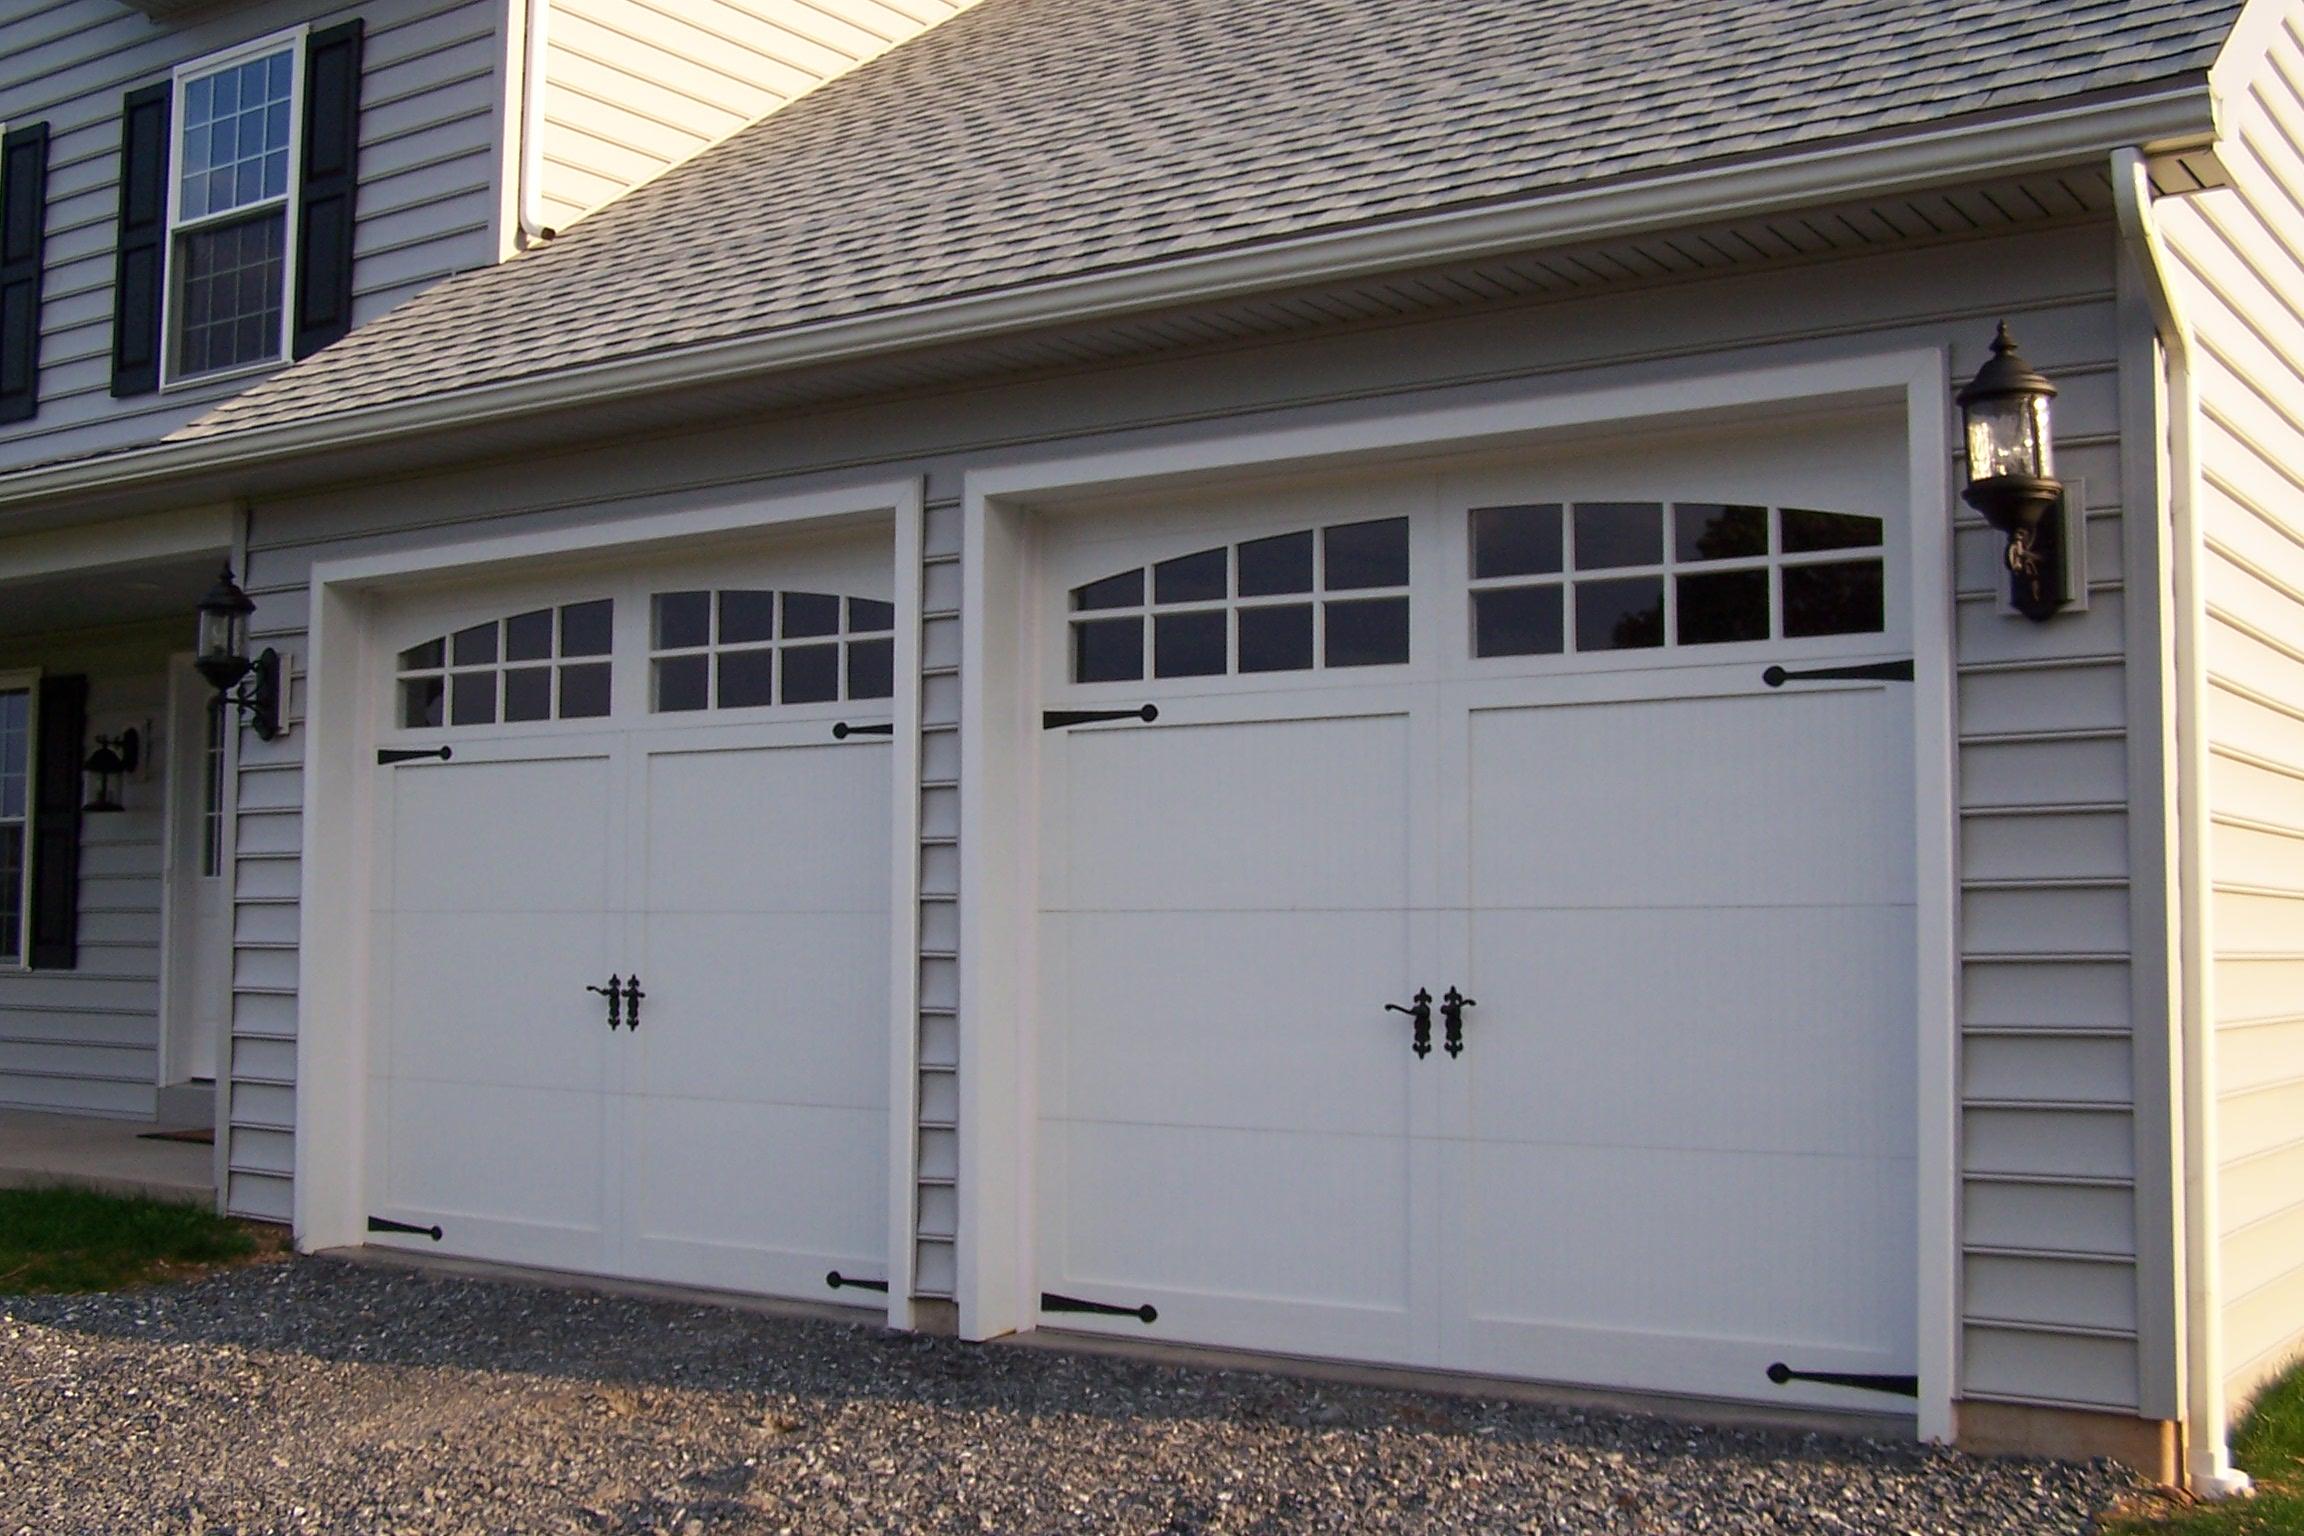 Sectional-type_overhead_garage_door